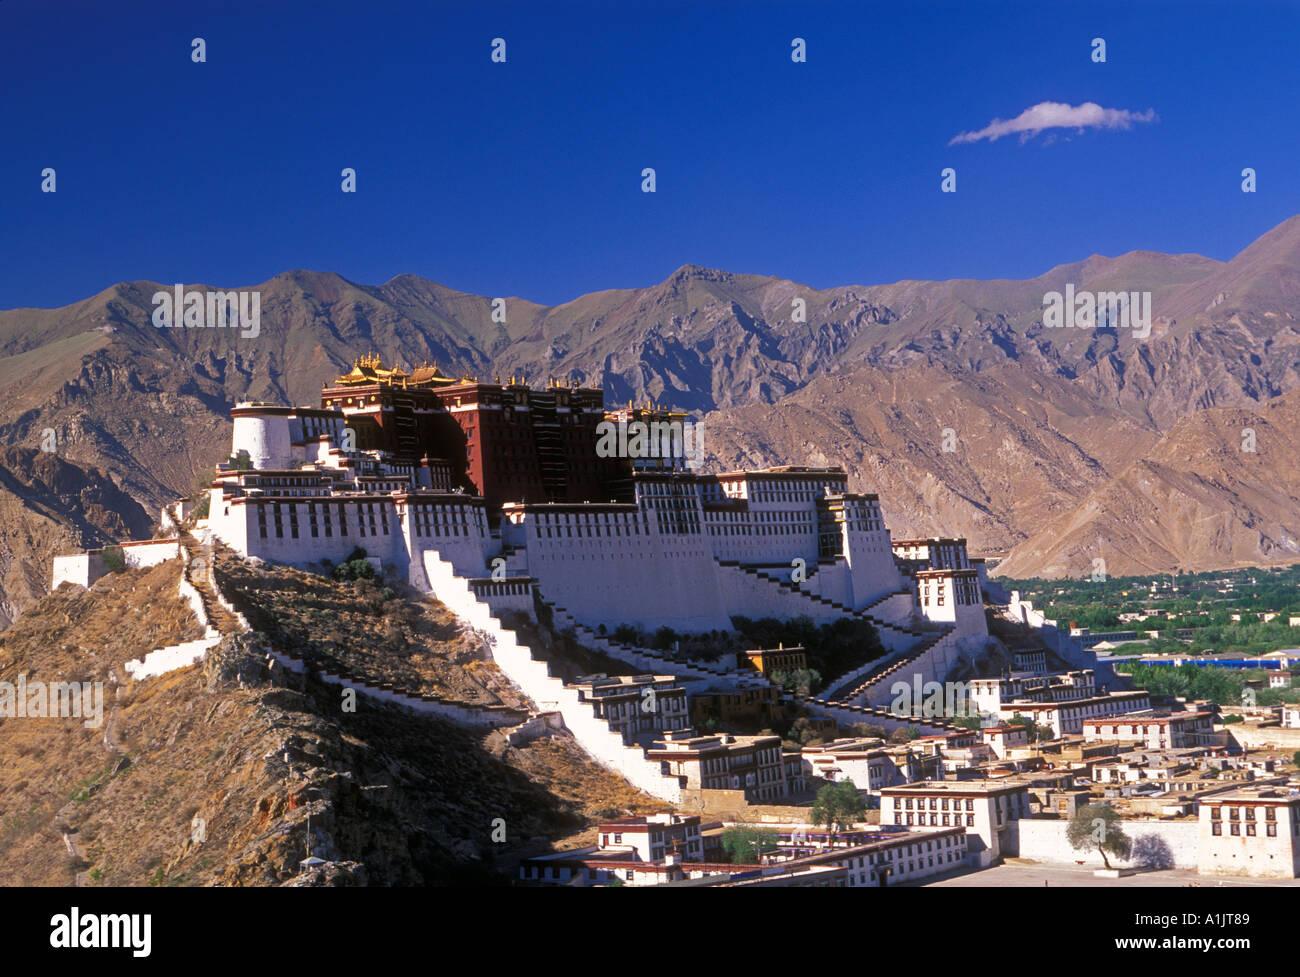 The Potala Palace, Potala Palace, city of Lhasa, Lhasa, Tibet, China, Asia - Stock Image